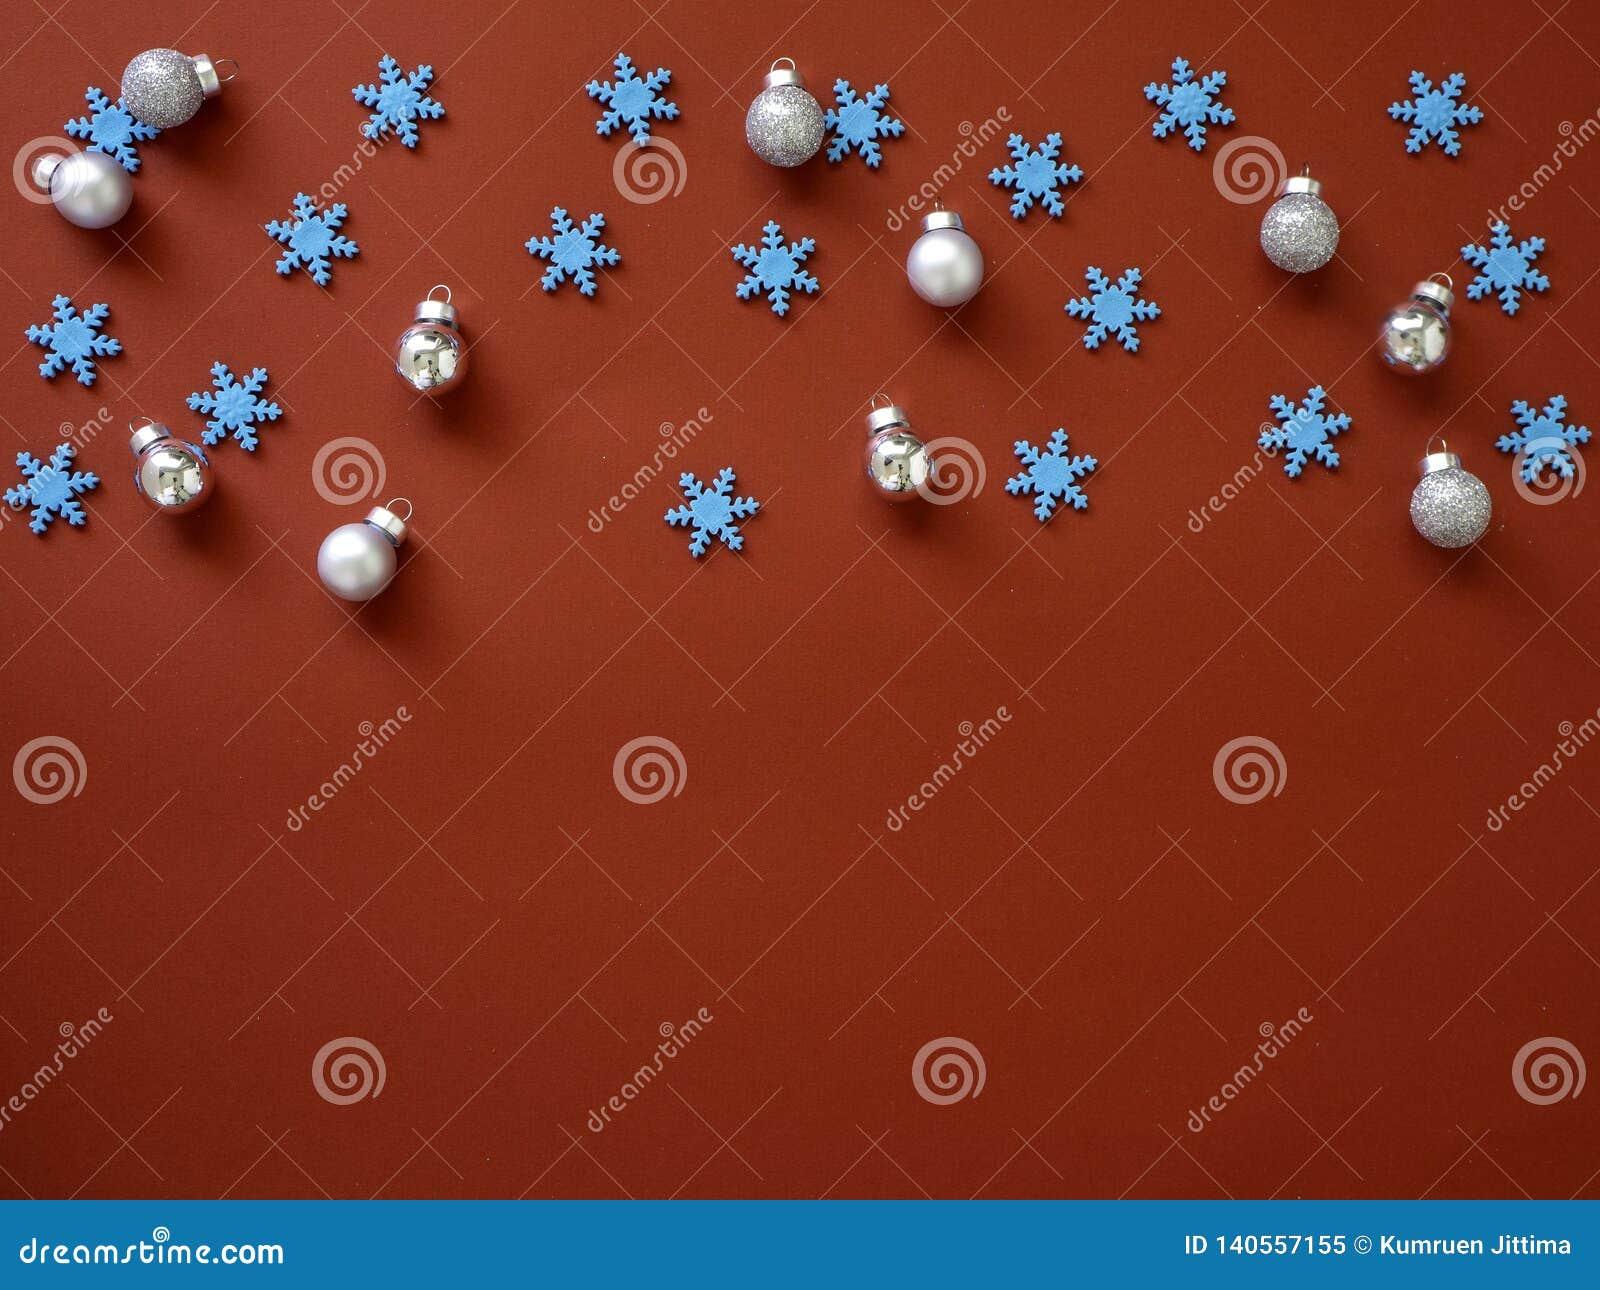 Decore o Natal e o ano novo no fundo vermelho